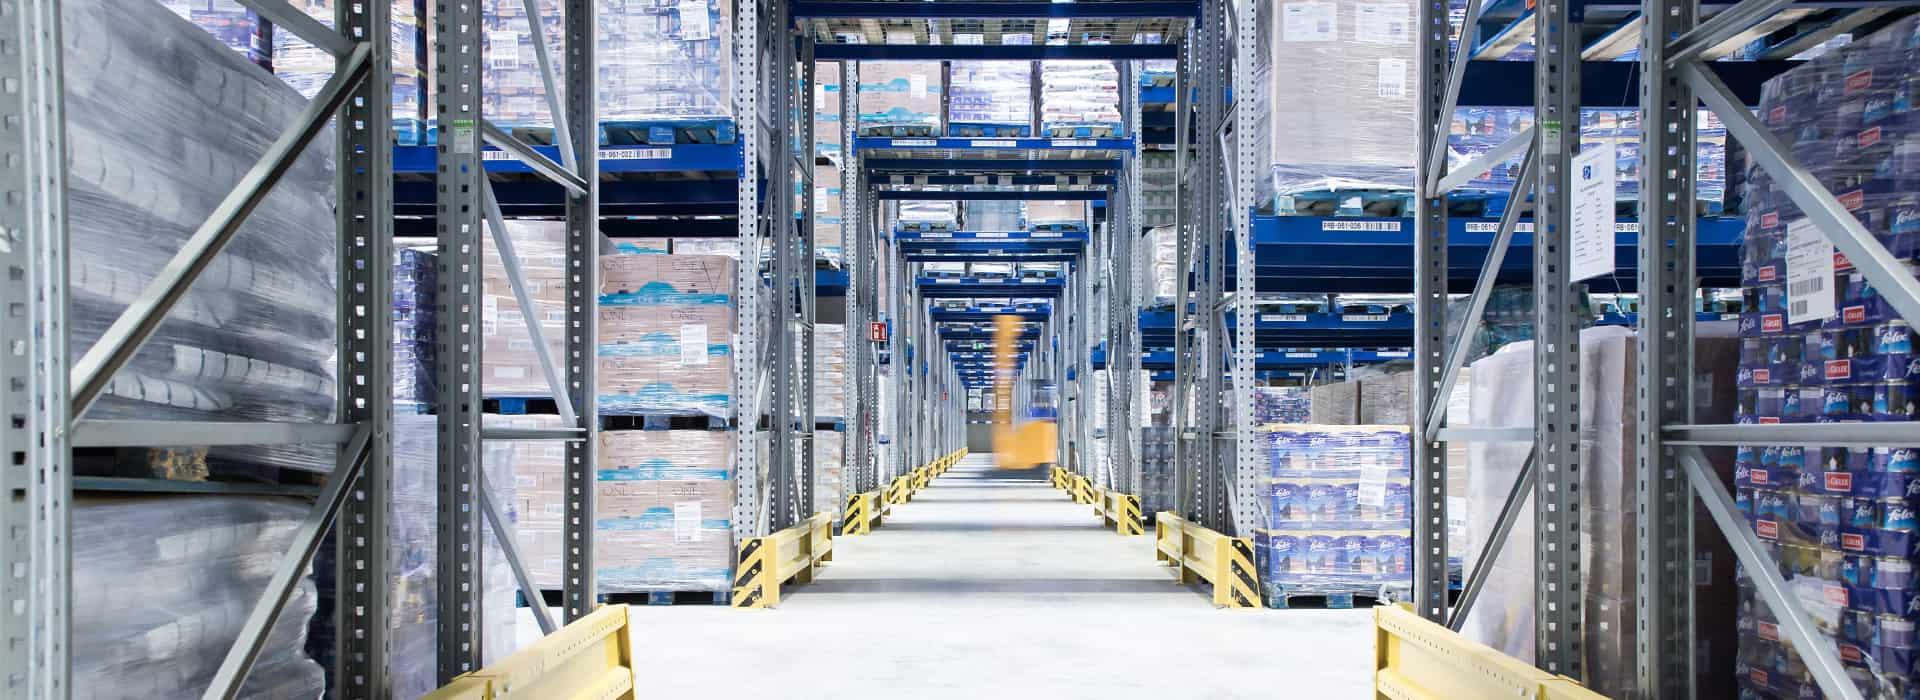 Quergang im modernen Hochregallager von B+S. Hier bietet der Logistikdienstleister Lagerlogistik an.